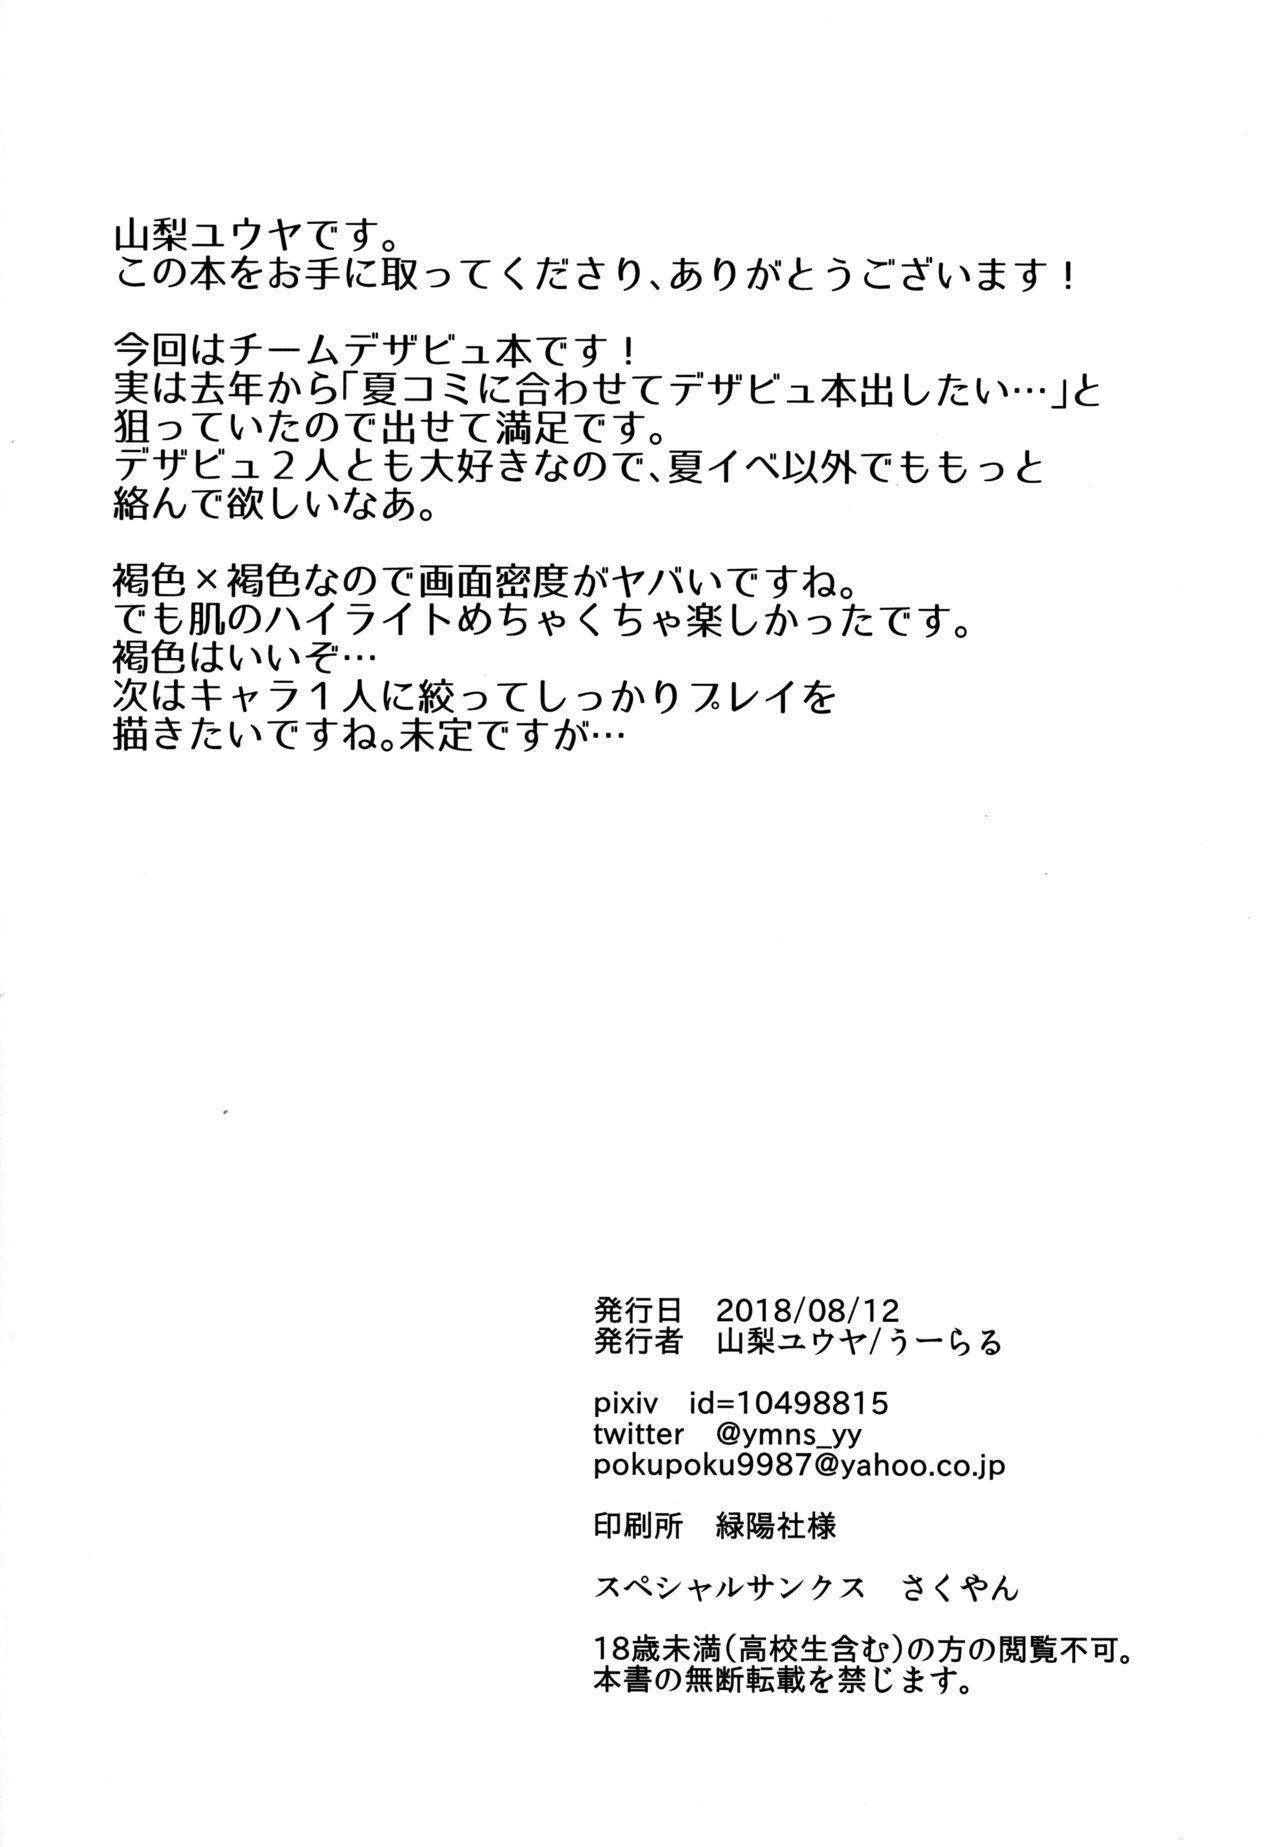 DeseBeau-shiki Inkei Shuukai QP Atsume 28